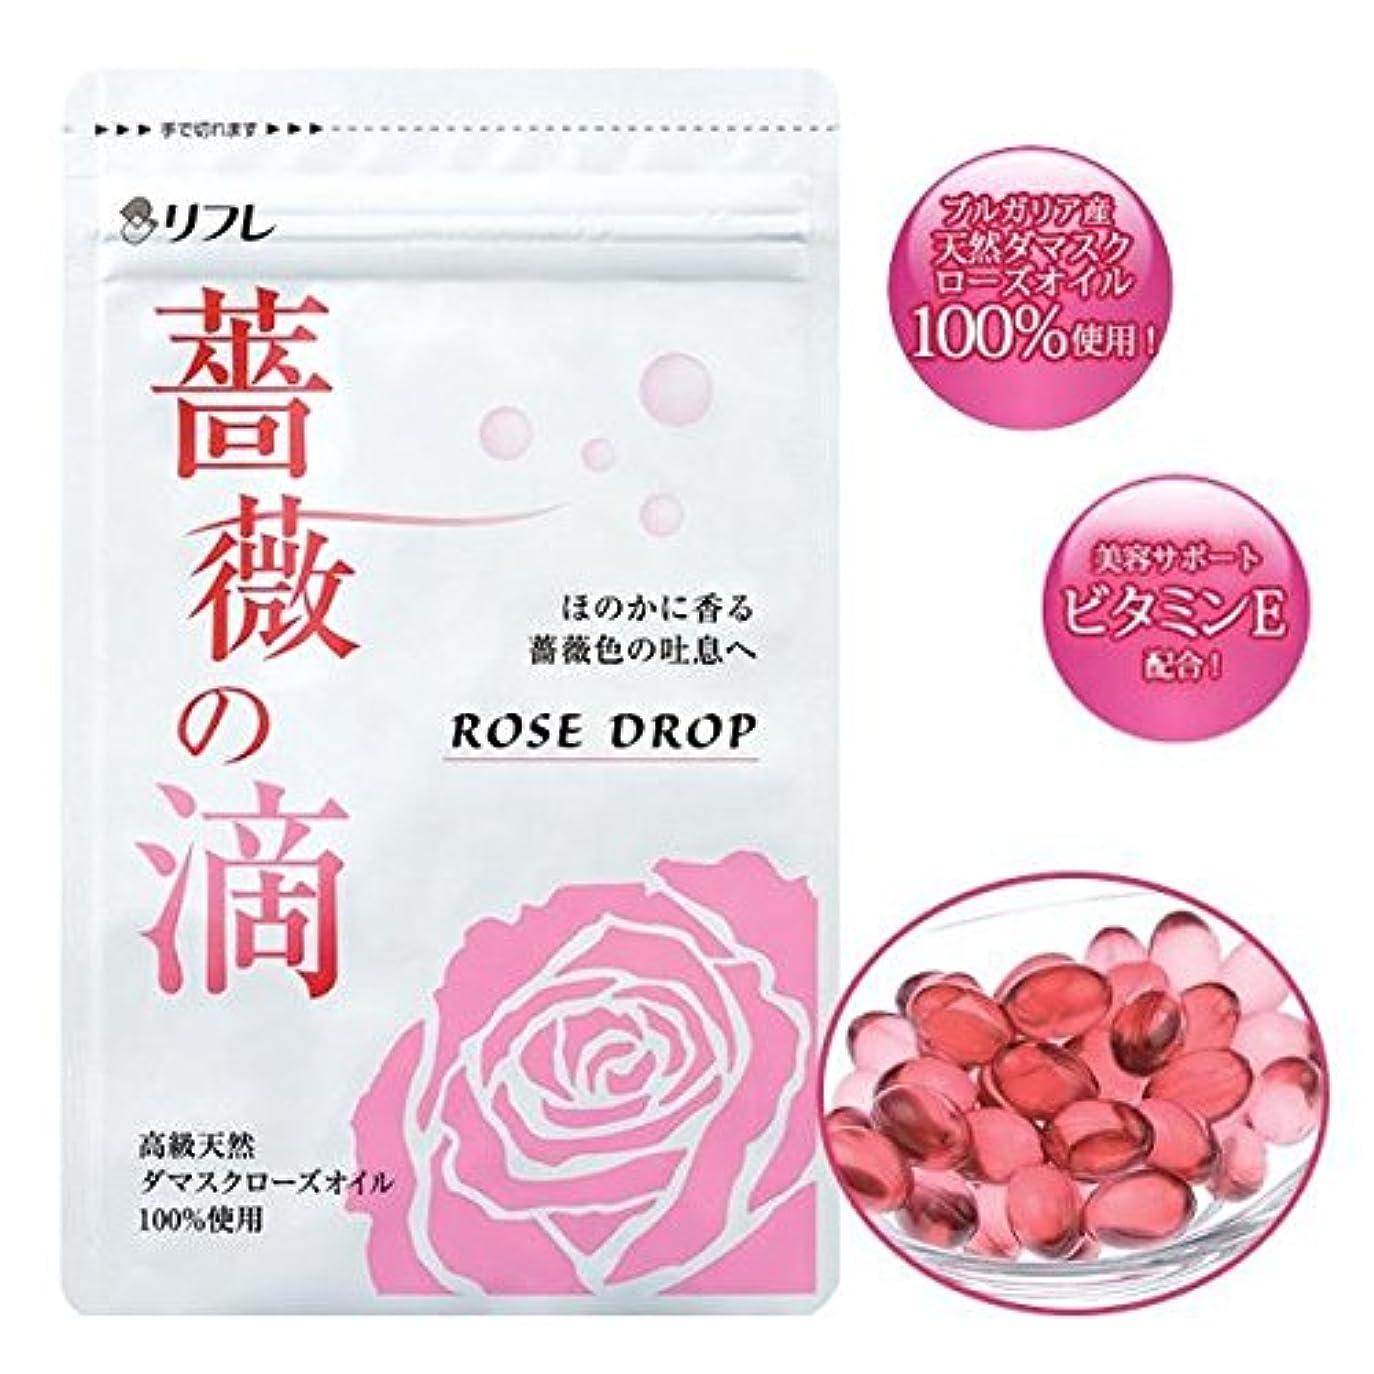 彫る民間ソブリケットリフレ ローズサプリ 薔薇の滴(ばらのしずく) 1袋62粒(約1ヵ月分) 日本製 Japan